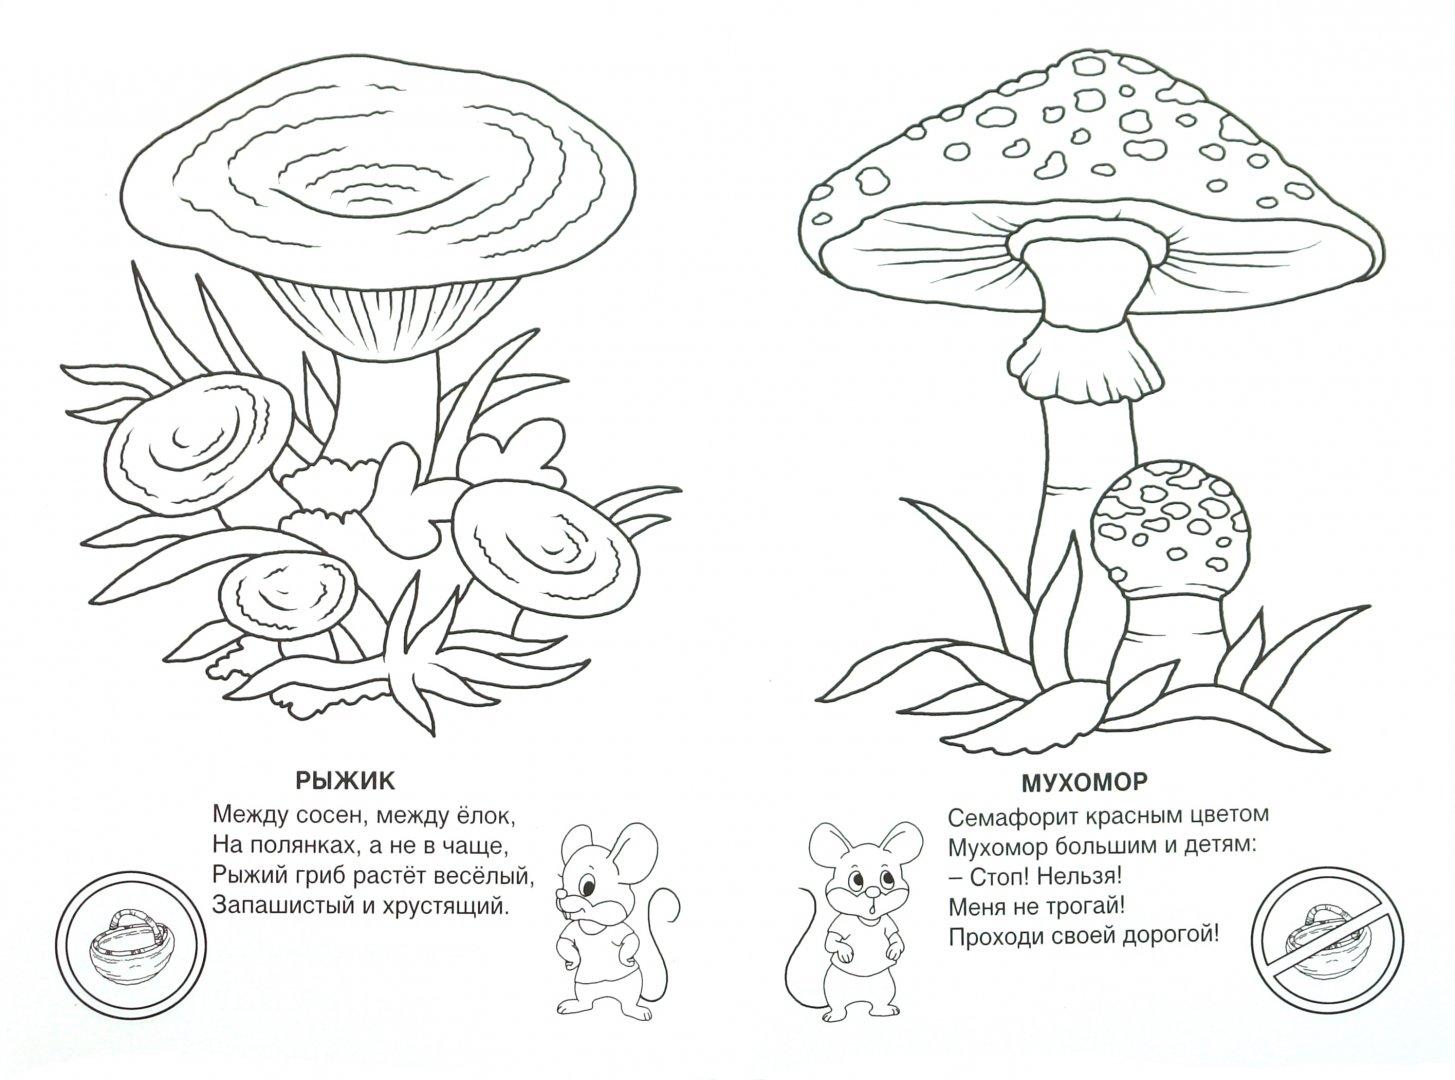 Грибы картинки для детей с названиями раскраска